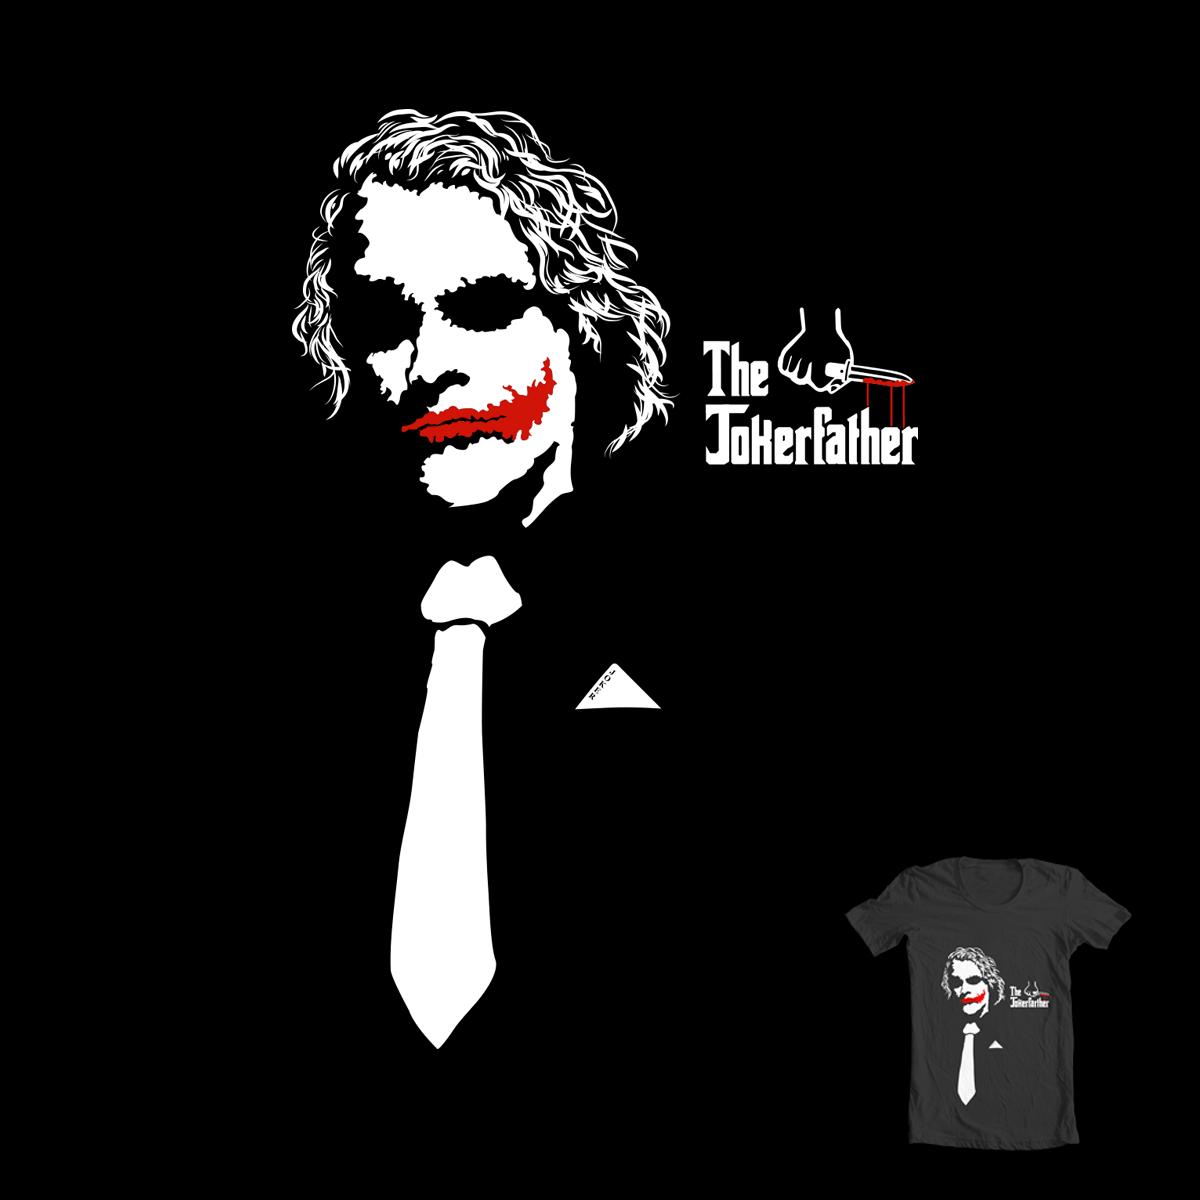 The Jokerfathern by Villainmazk on Threadless